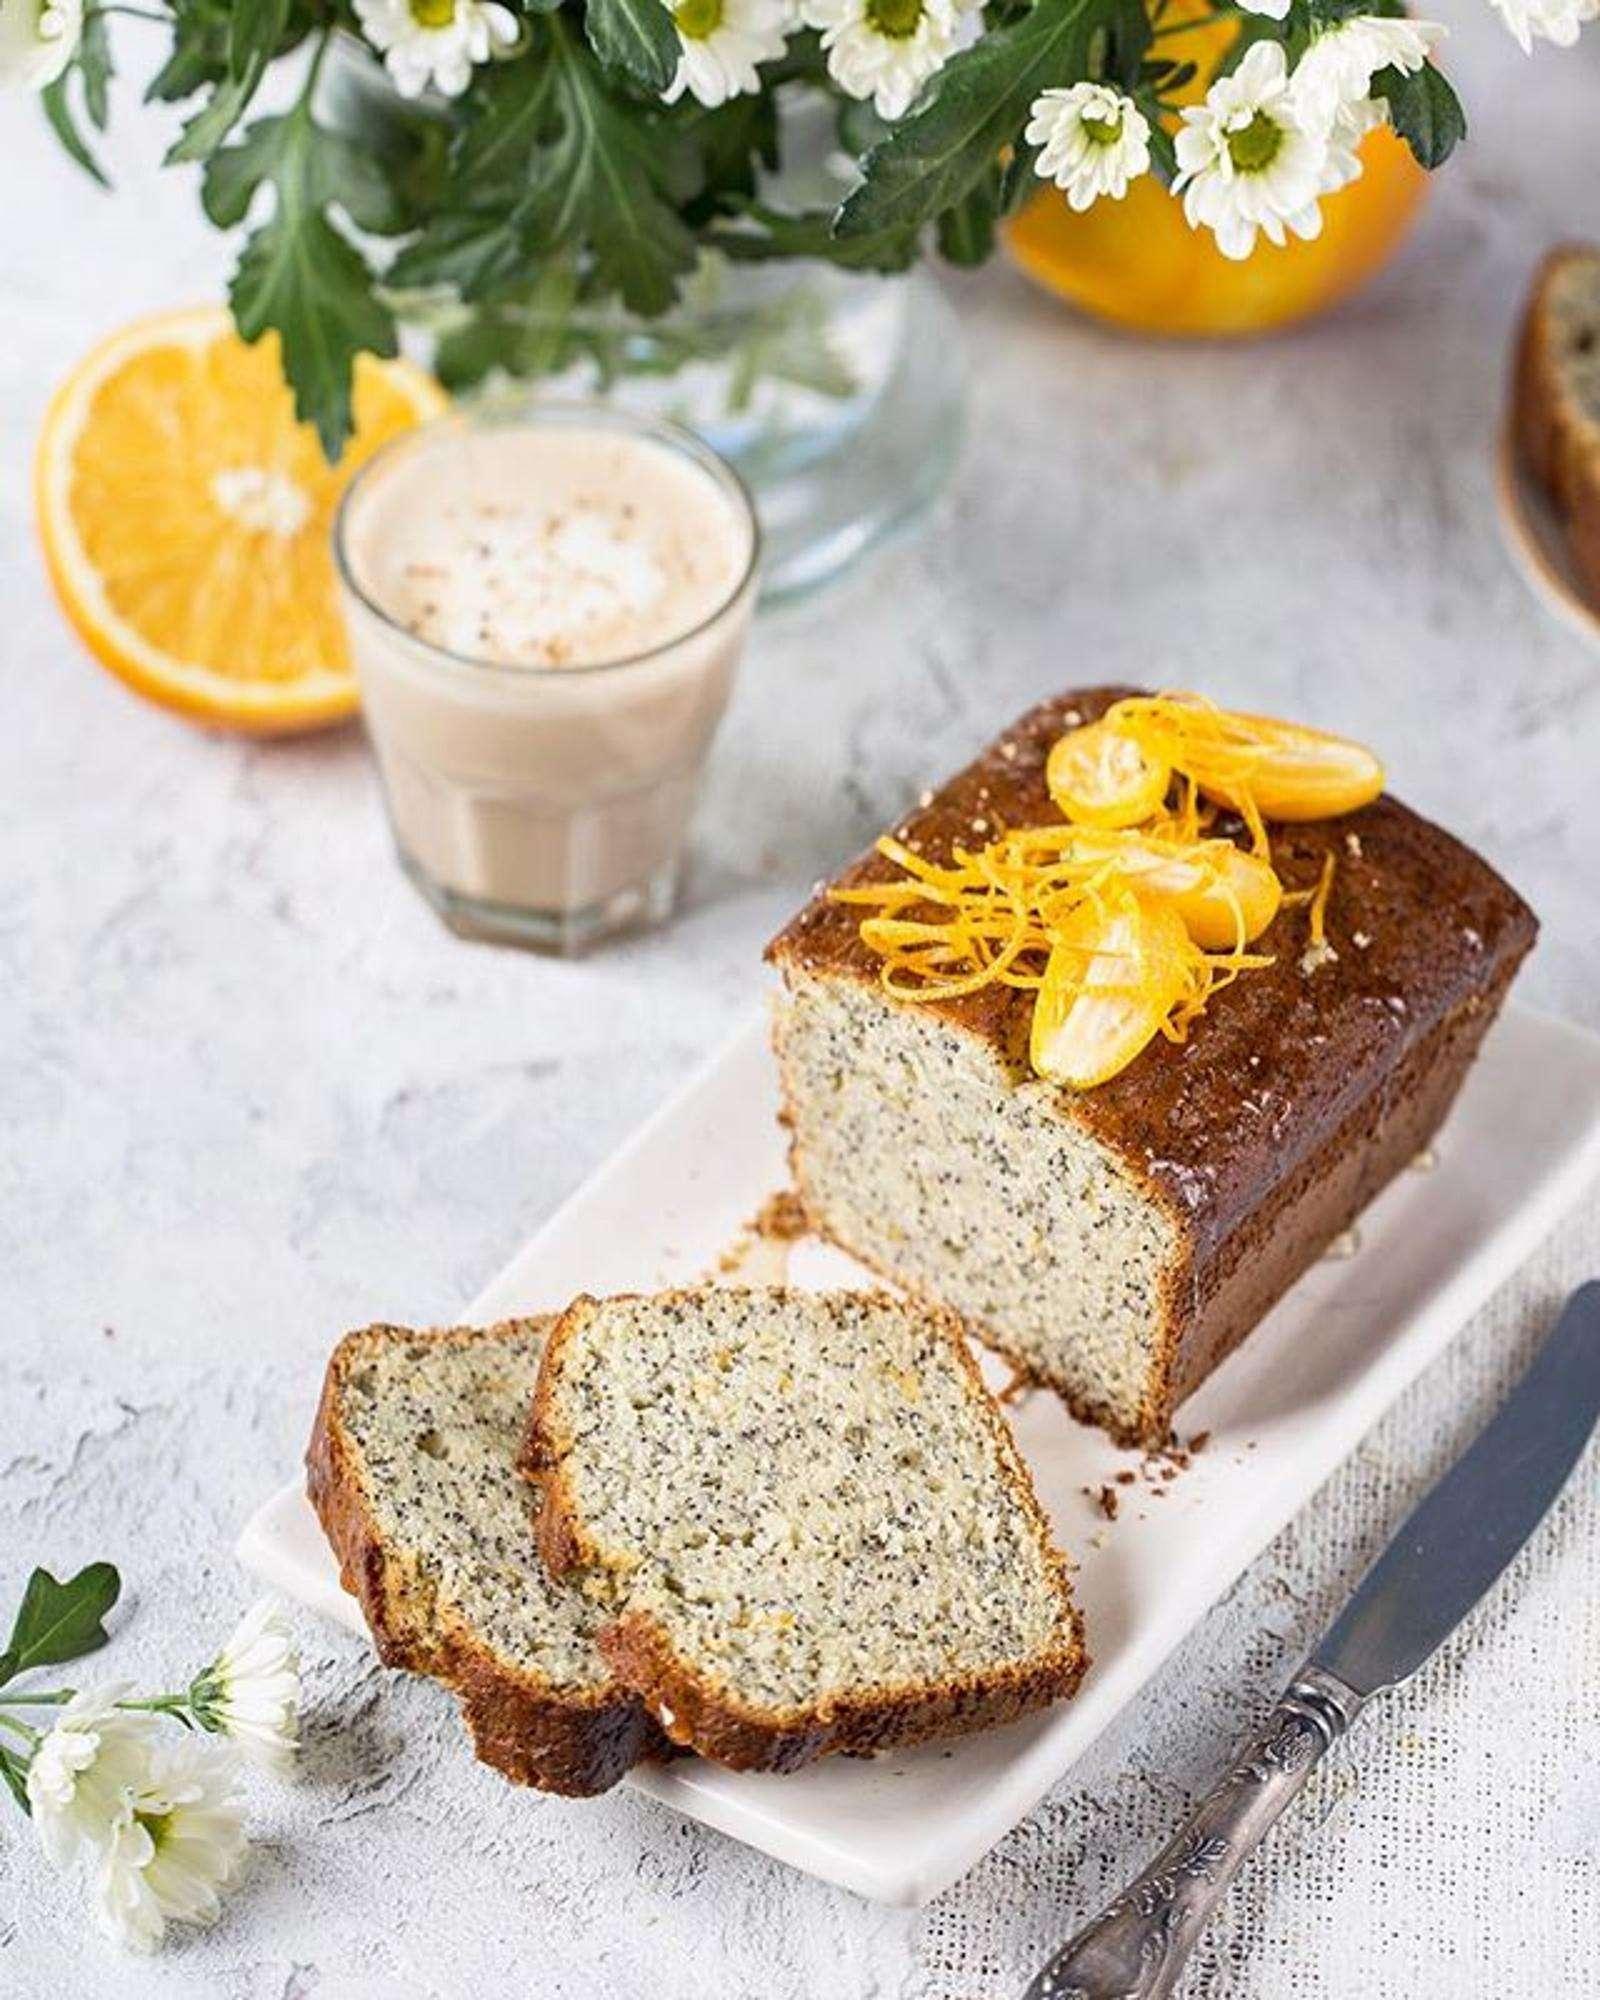 Нежный и ароматный: балуем семью маково-апельсиновым кексом